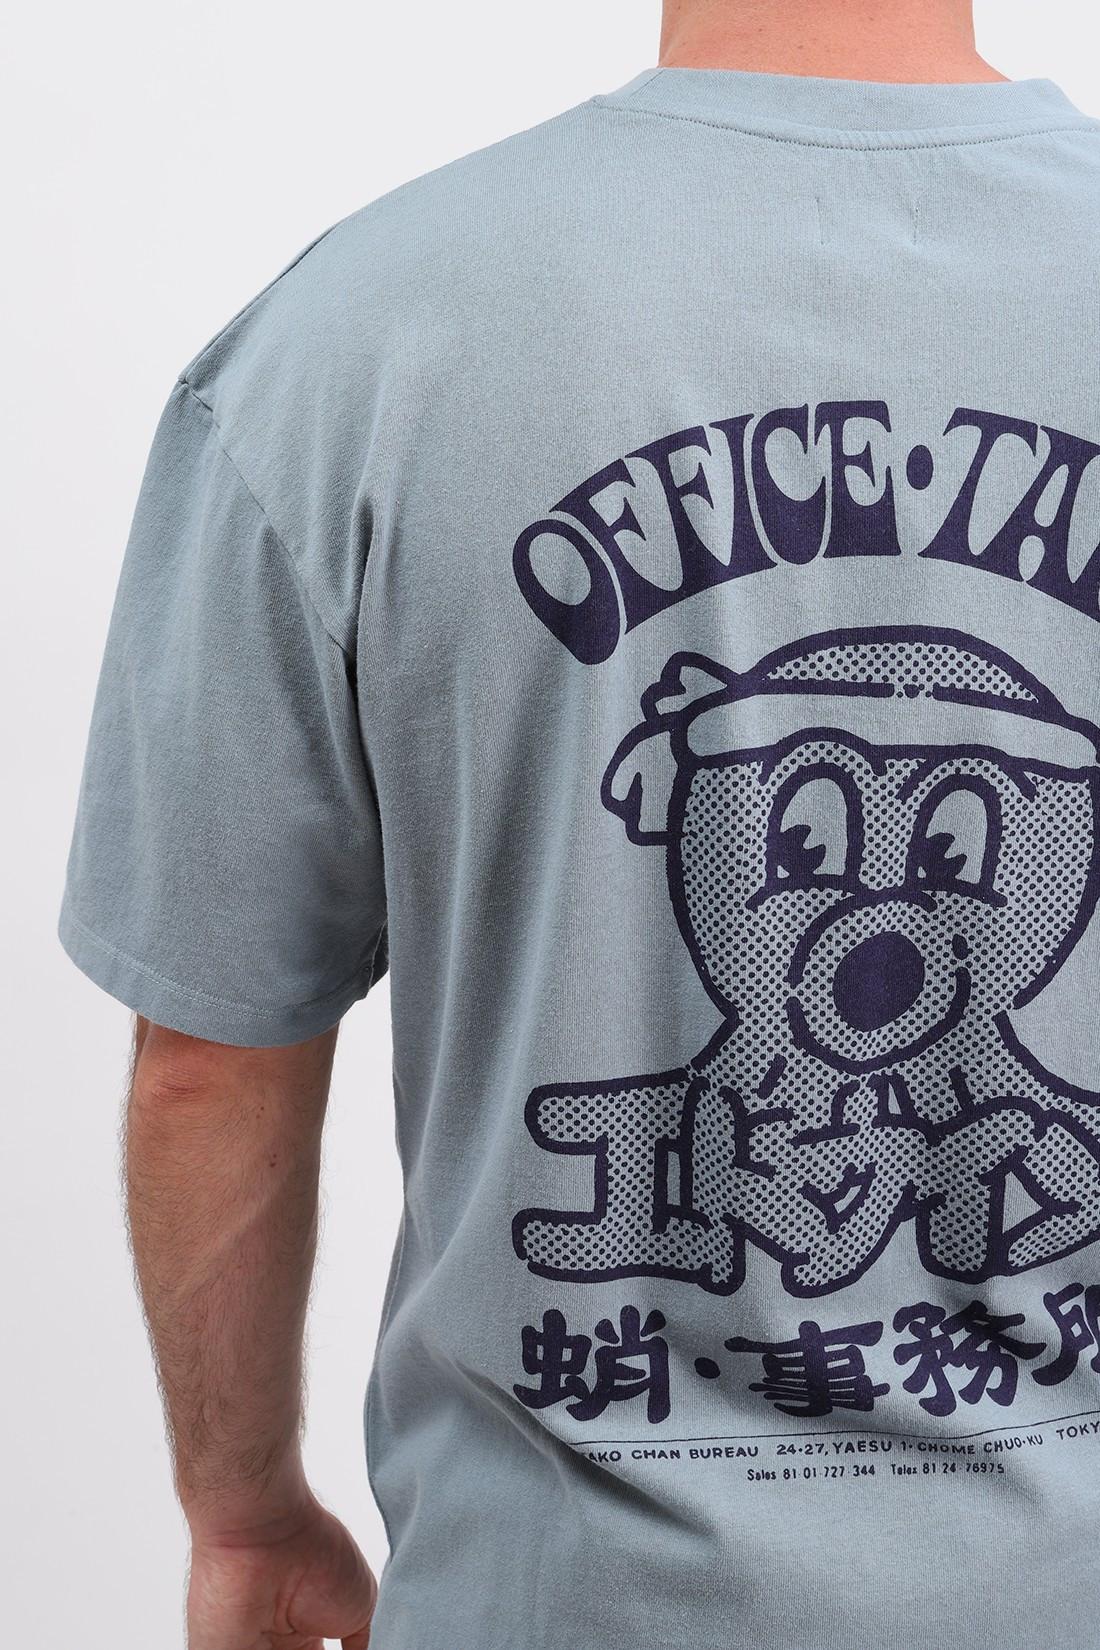 EDWIN / Office tako tee shirt Tarmac